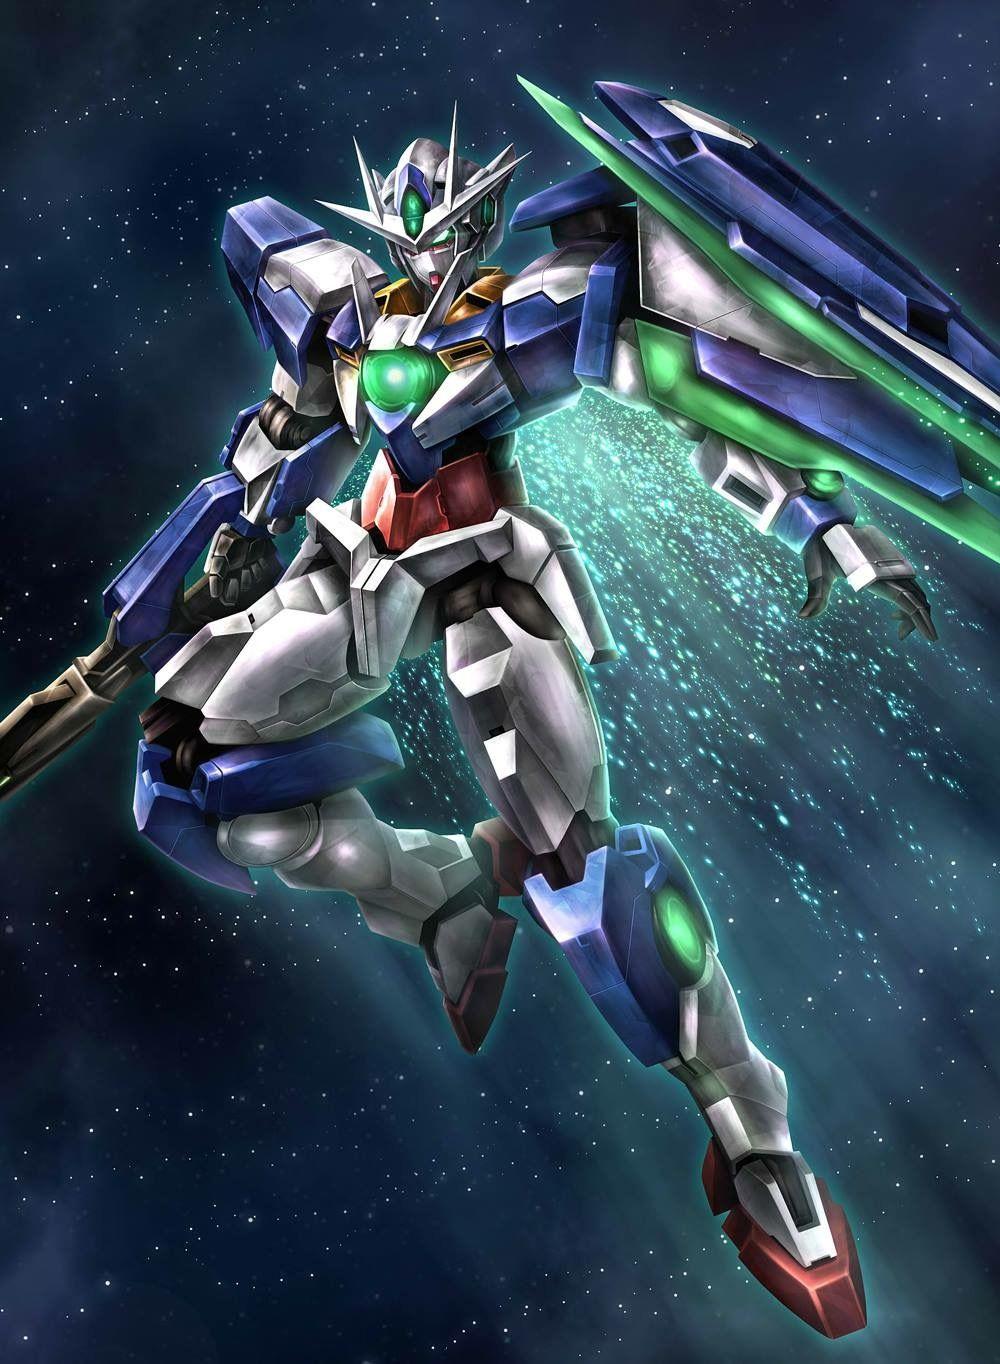 Mobile Suit Gundam 00 Gnt 0000 00 Qan T Gundam Exia Gundam